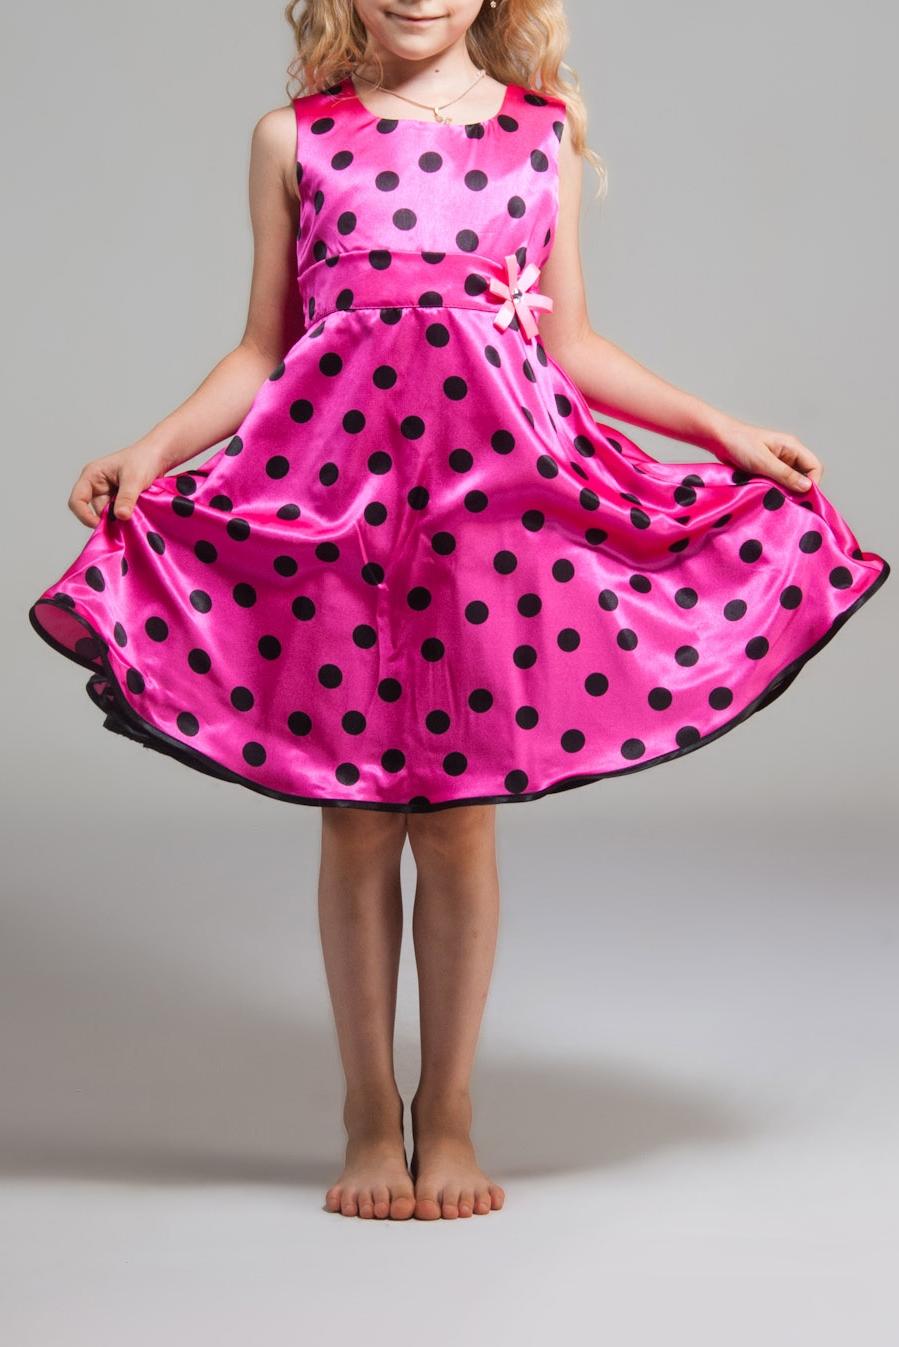 ПлатьеПлатья<br>Платье выполнено из стрейч-атласа, подклад из полиэстера, объем придает фатин, настроченный по низу подклады. Украшение в виде цветка ручной работы из ленточек в тон платью, в центре украшенного стразой.  В изделии использованы цвета: розовый, черный  Размер 74 соответствует росту 70-73 см Размер 80 соответствует росту 74-80 см Размер 86 соответствует росту 81-86 см Размер 92 соответствует росту 87-92 см Размер 98 соответствует росту 93-98 см Размер 104 соответствует росту 98-104 см Размер 110 соответствует росту 105-110 см Размер 116 соответствует росту 111-116 см Размер 122 соответствует росту 117-122 см Размер 128 соответствует росту 123-128 см Размер 134 соответствует росту 129-134 см Размер 140 соответствует росту 135-140 см Размер 146 соответствует росту 141-146 см Размер 152 соответствует росту 147-152 см Размер 158 соответствует росту 153-158 см Размер 164 соответствует росту 159-164 см Размер 170 соответствует росту 165-170 см<br><br>Горловина: С- горловина<br>По возрасту: Дошкольные ( от 3 до 7 лет),Школьные ( от 7 до 13 лет)<br>По длине: Миди<br>По материалу: Атласные<br>По образу: Выпускной,Торжество<br>По рисунку: В горошек,С принтом (печатью),Цветные<br>По сезону: Весна,Зима,Лето,Осень,Всесезон<br>По силуэту: Приталенные<br>По стилю: Летние,На выпускной,Нарядные<br>По форме: Трапеция,С завышенной талией<br>По элементам: Без рукавов,С декором<br>Размер : 122,134,140,146<br>Материал: Атлас<br>Количество в наличии: 4